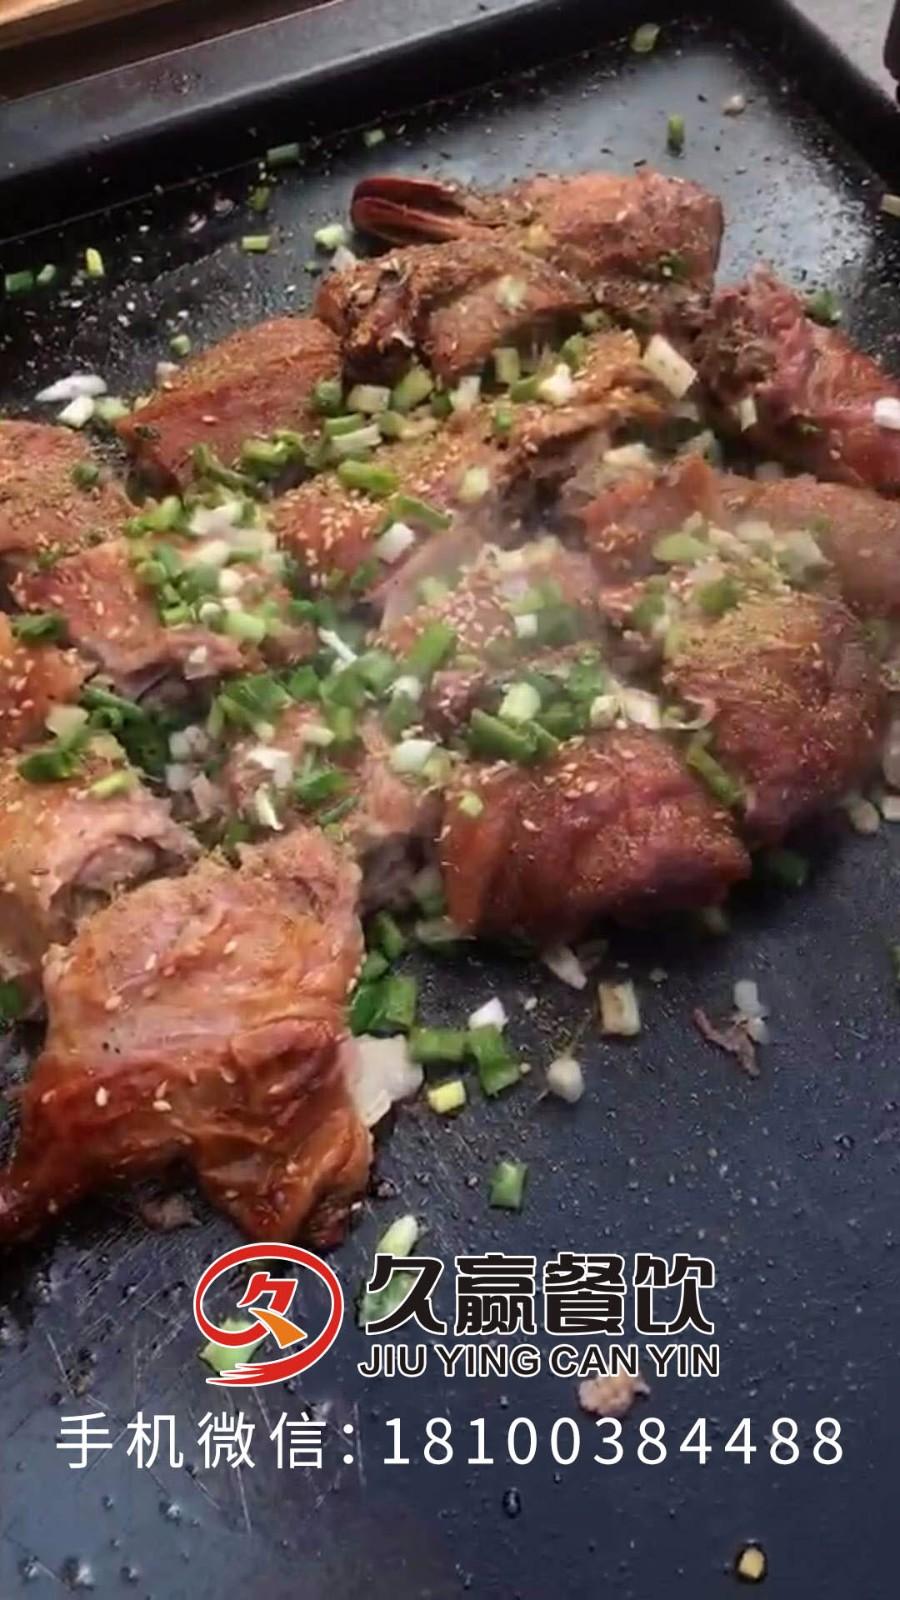 铁板烤鸭:图木舒克加盟哪家味道好